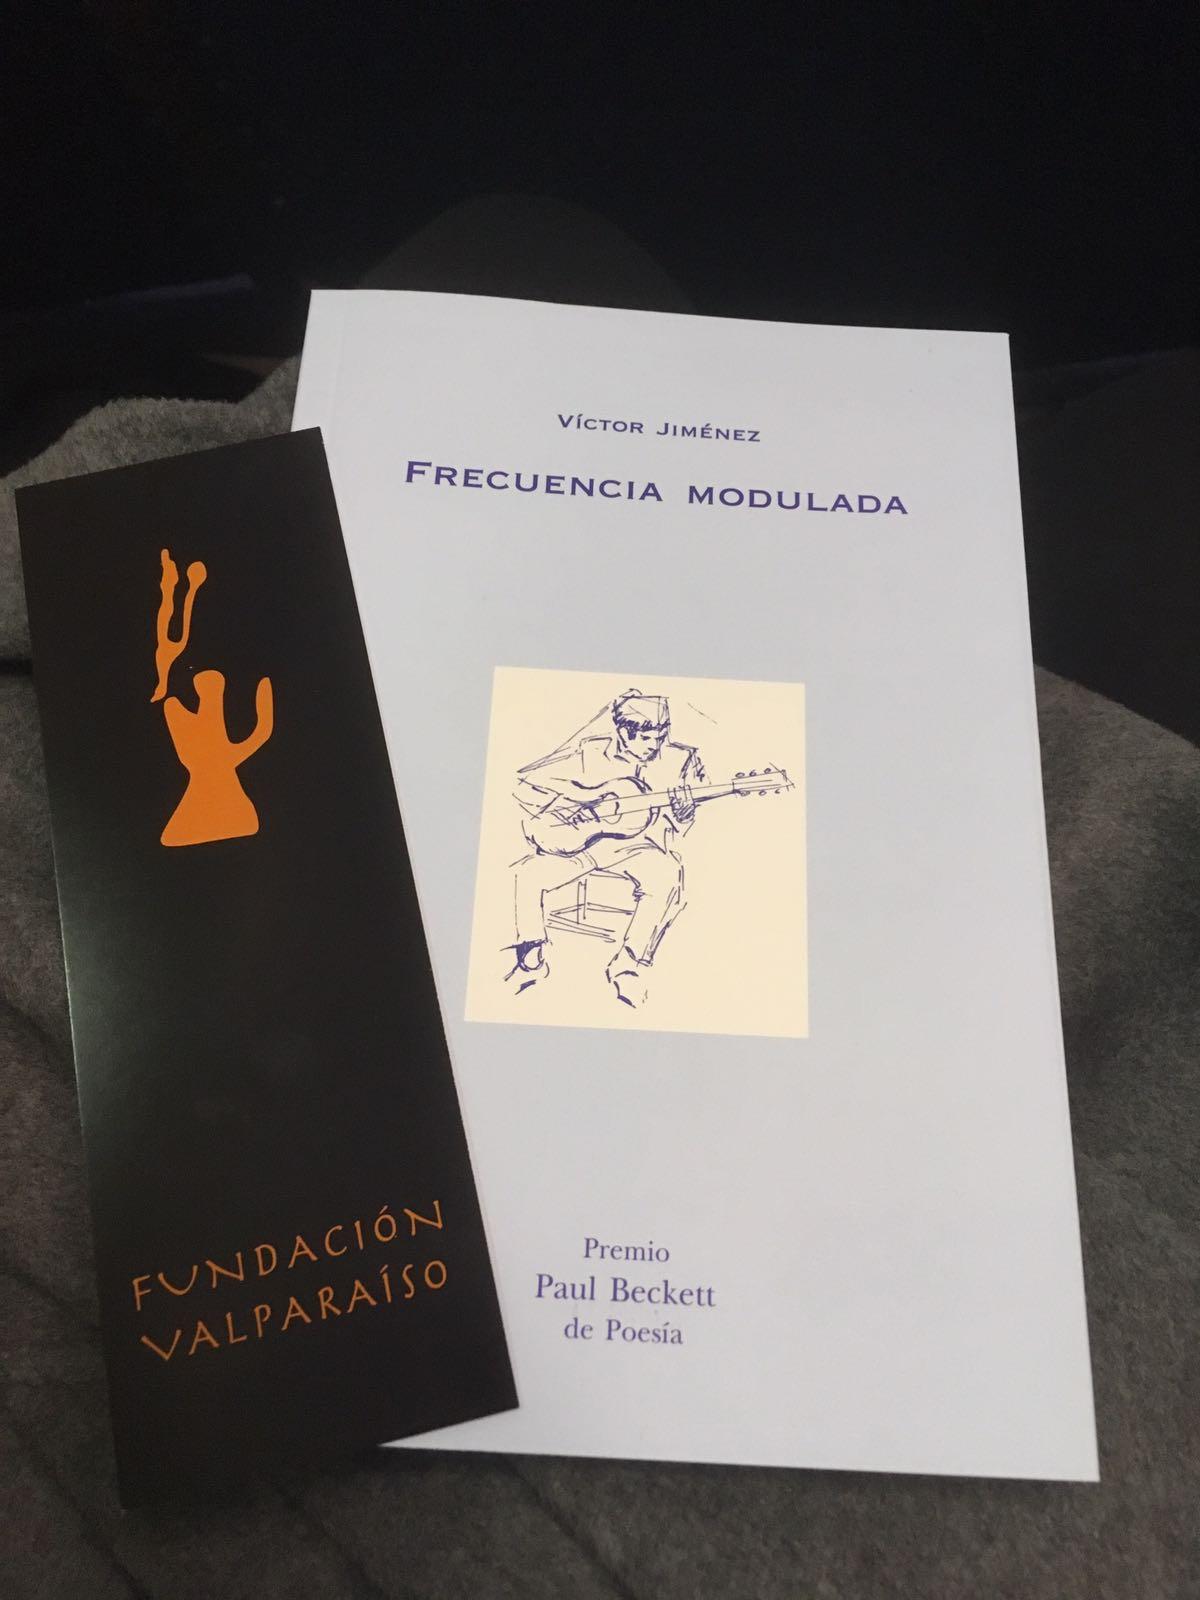 20 aniversario de nuestro Premio de Poesía Paul Beckett